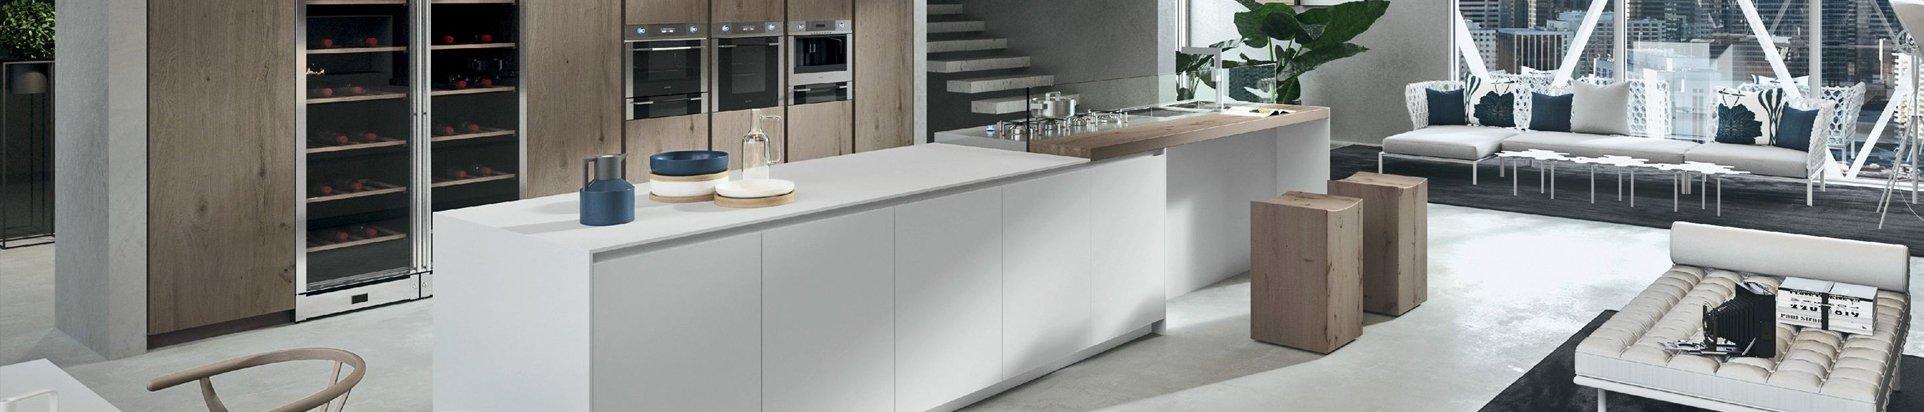 Оригинальные кухонные столы